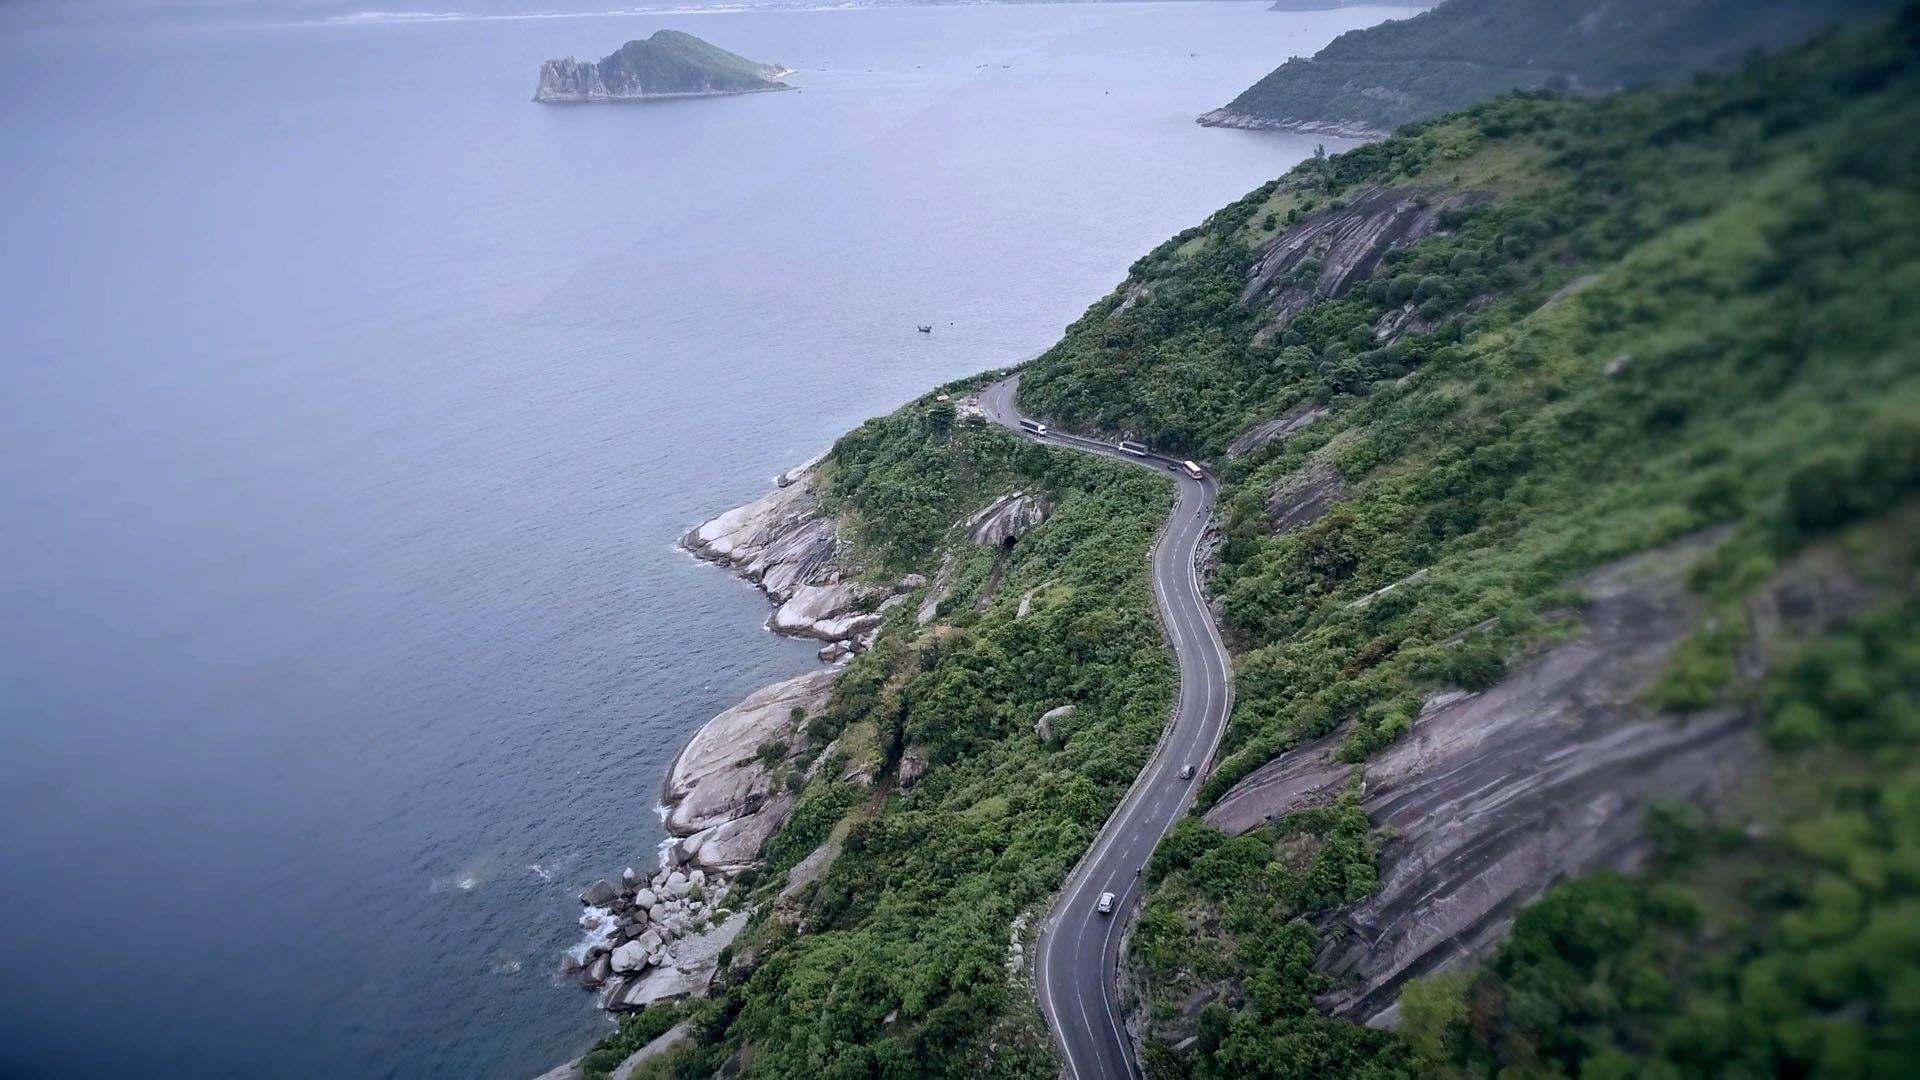 deo-ca-coastal-road-vietnam